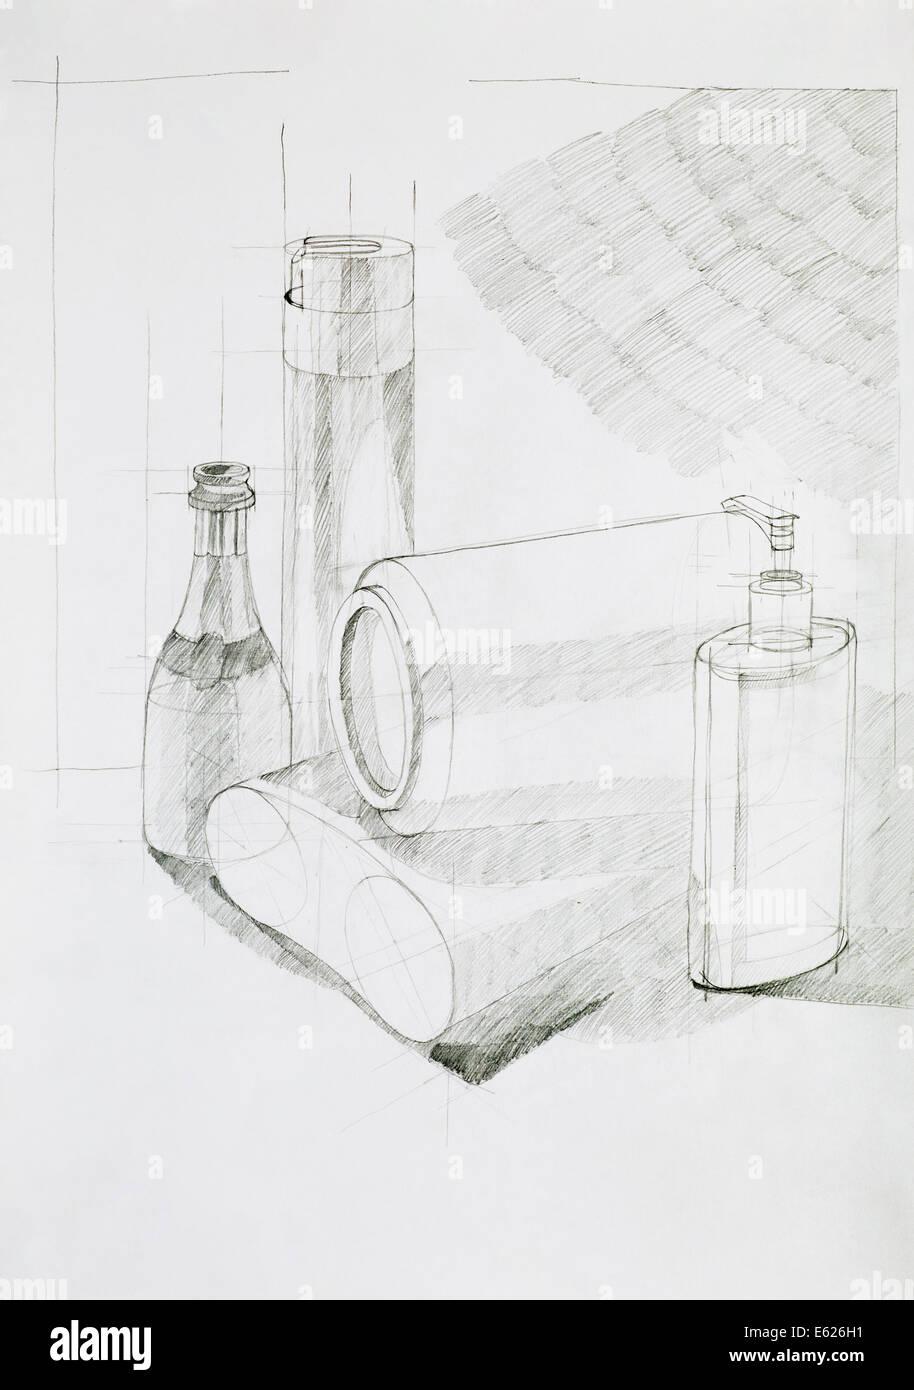 die Hand gezeichnete Illustration, künstlerische Studie über Objekte Zusammensetzung Stockbild